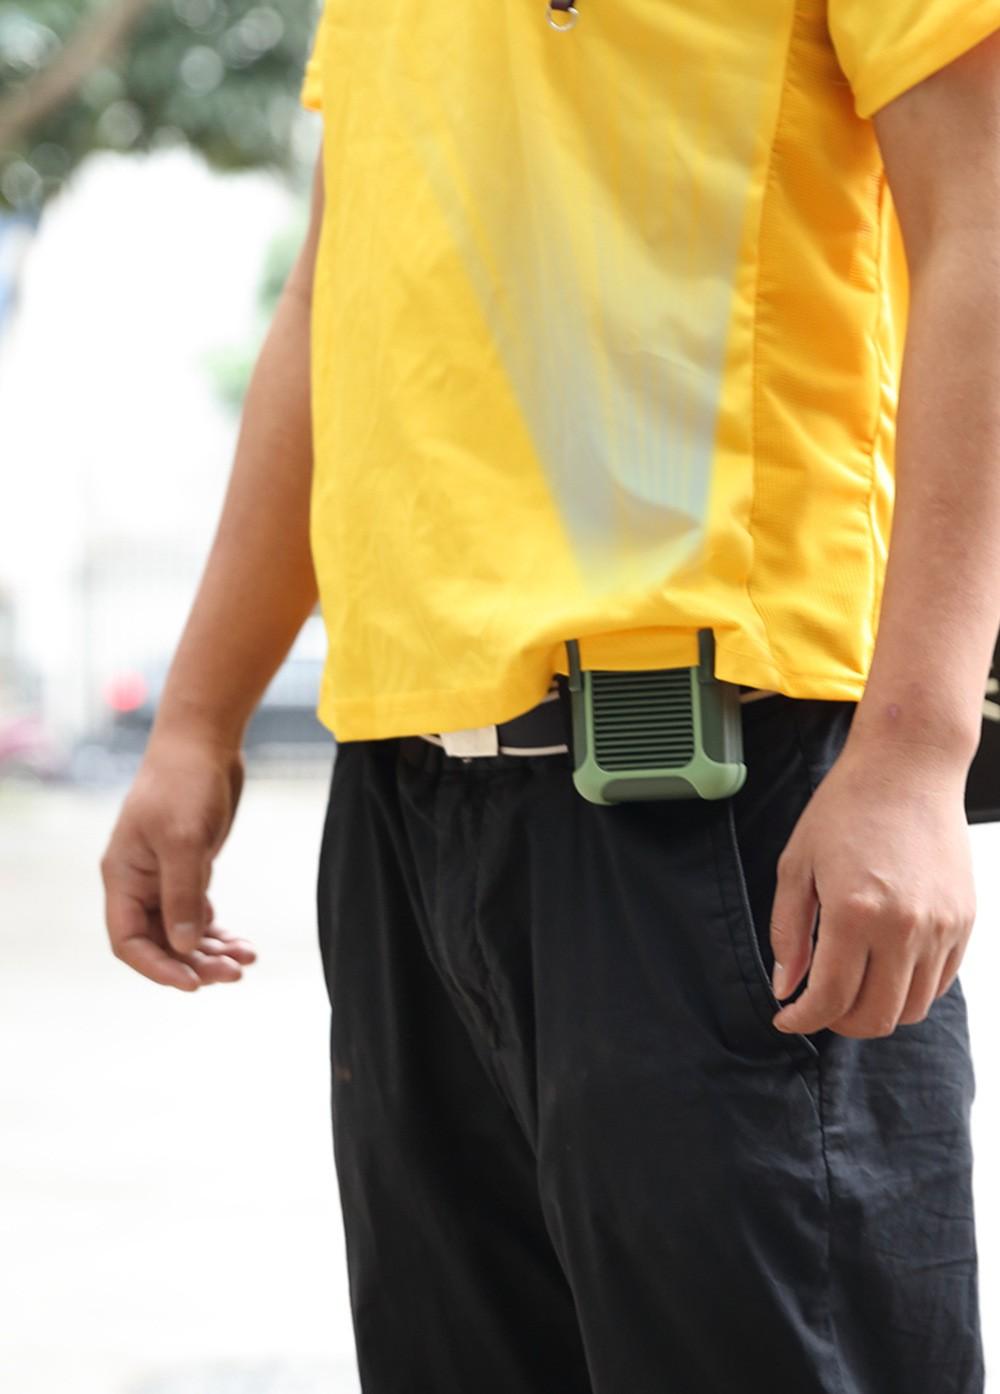 USB вентилятор с зажимом для одежды с Power Bank 4000 мАч 07 - Портативный USB-вентилятор с зажимом для одежды с Power Bank 4000 мАч